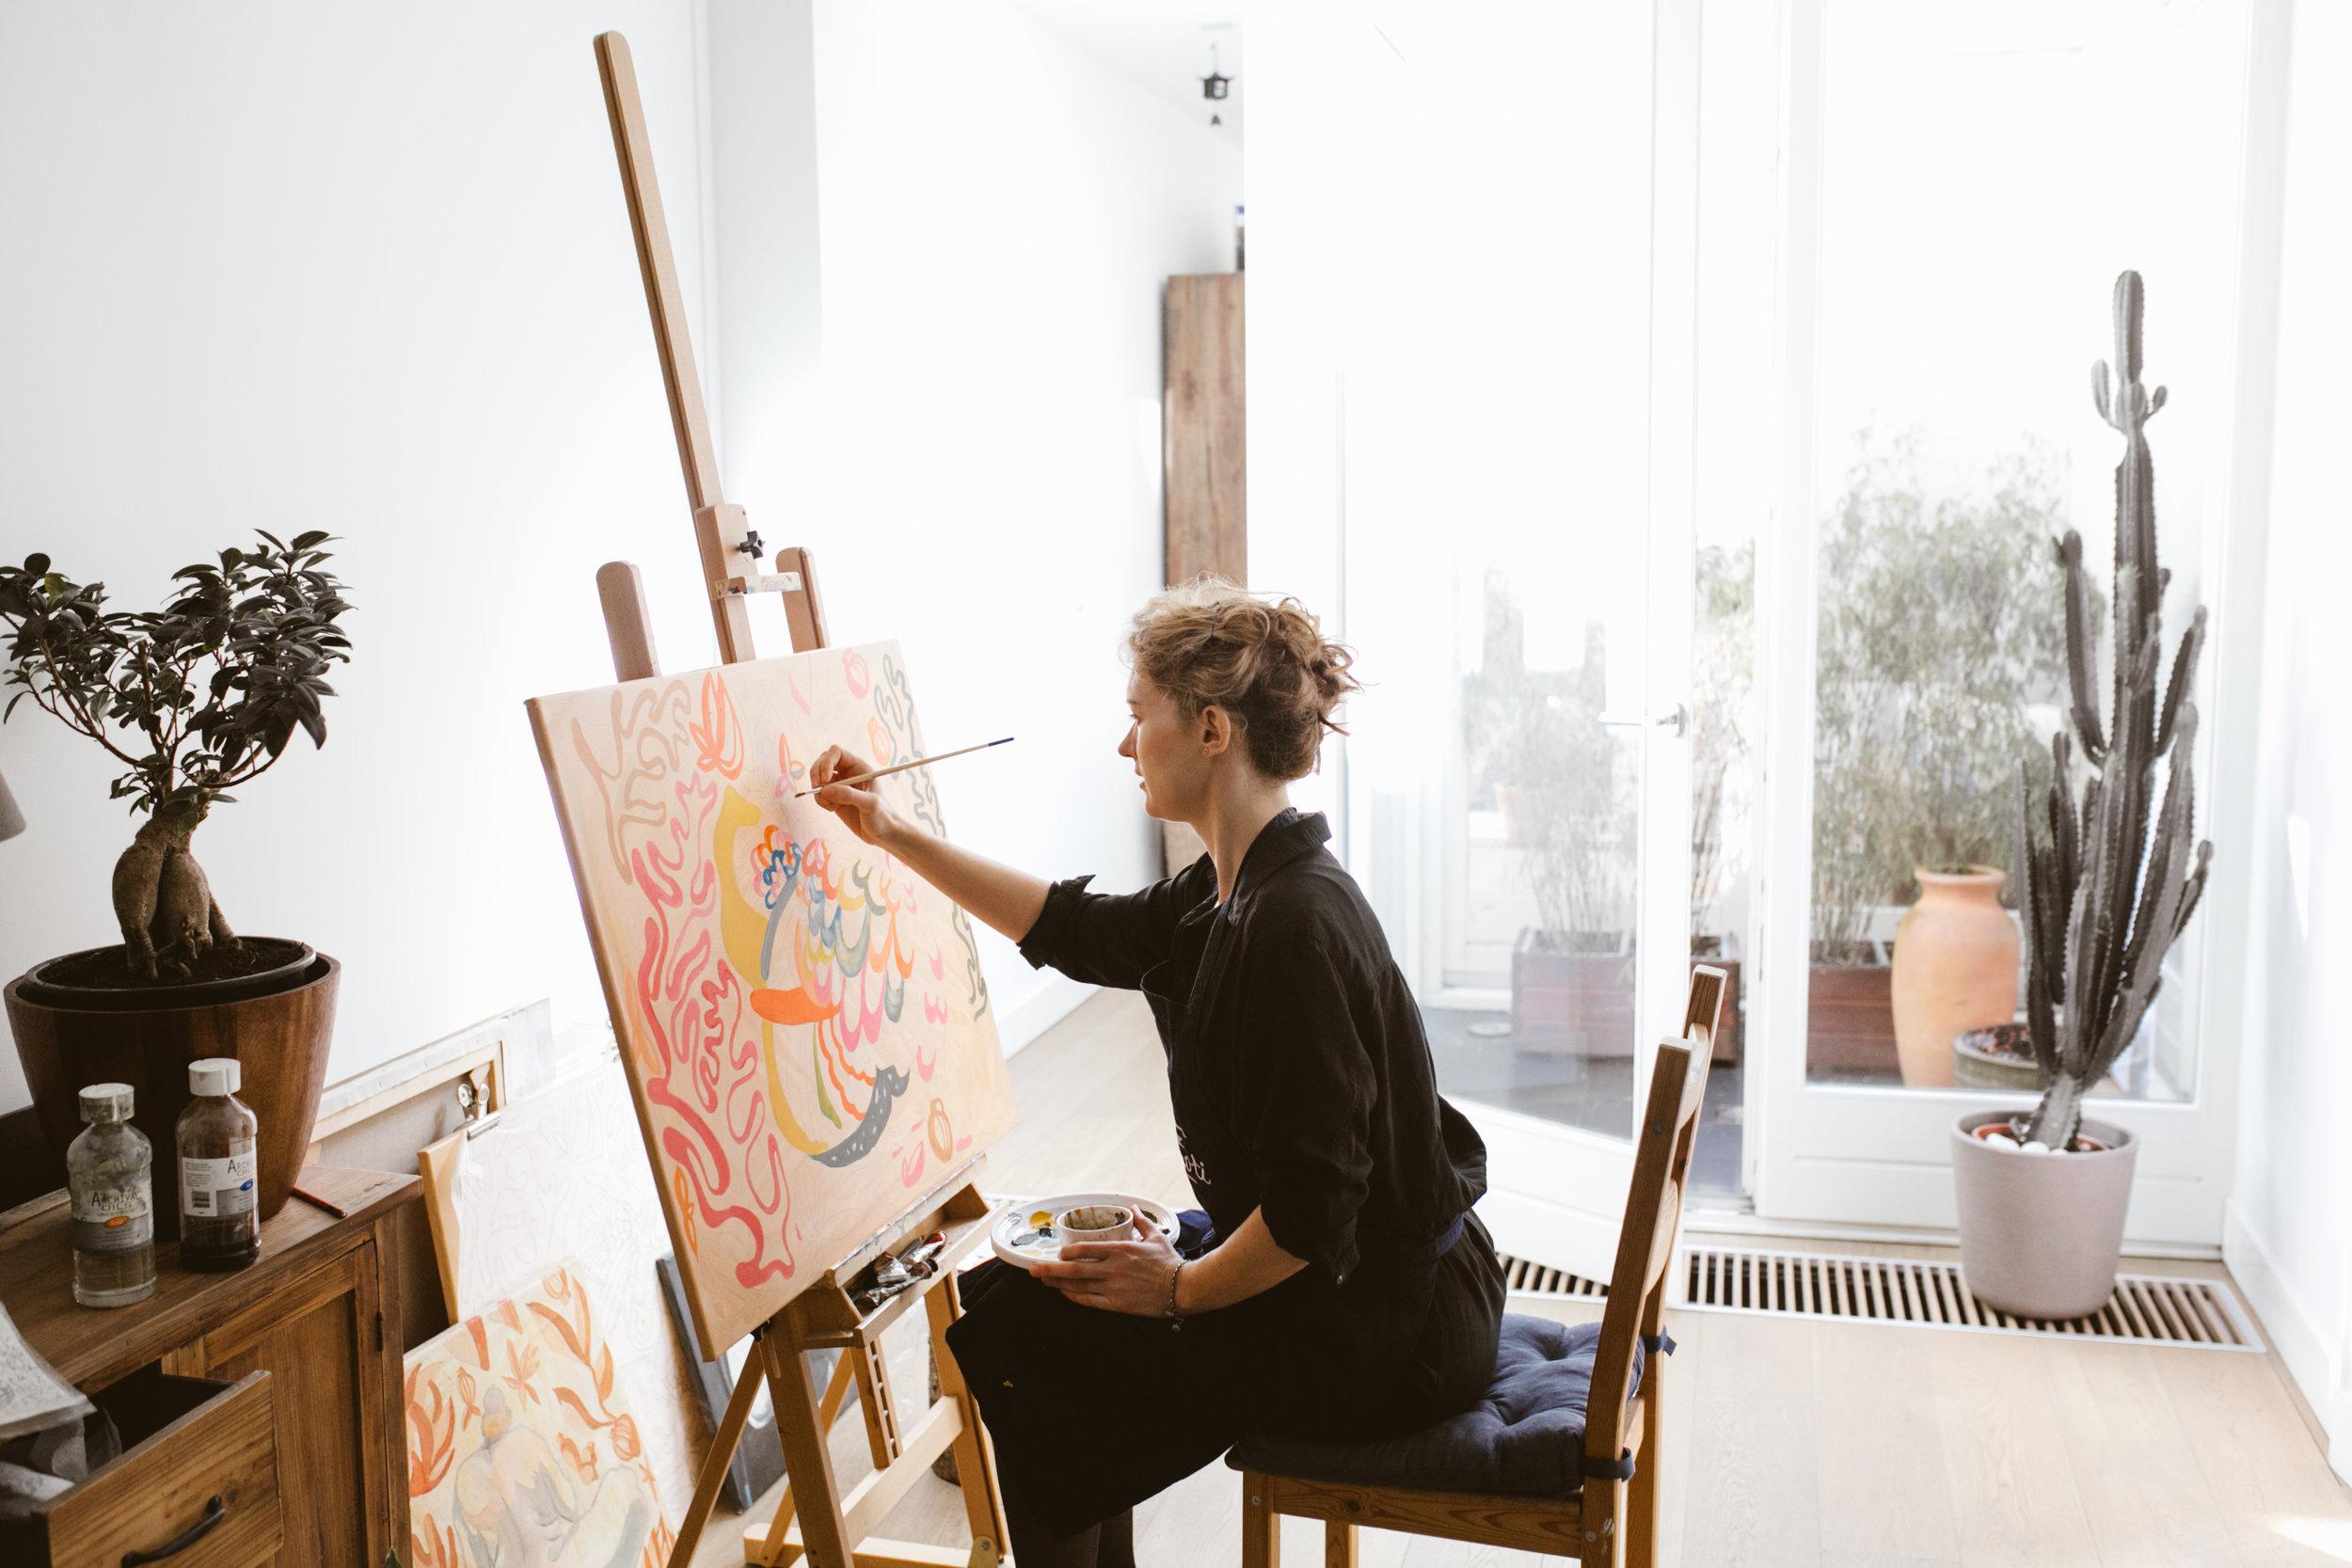 Me painting (photo credits neringasunday.com)